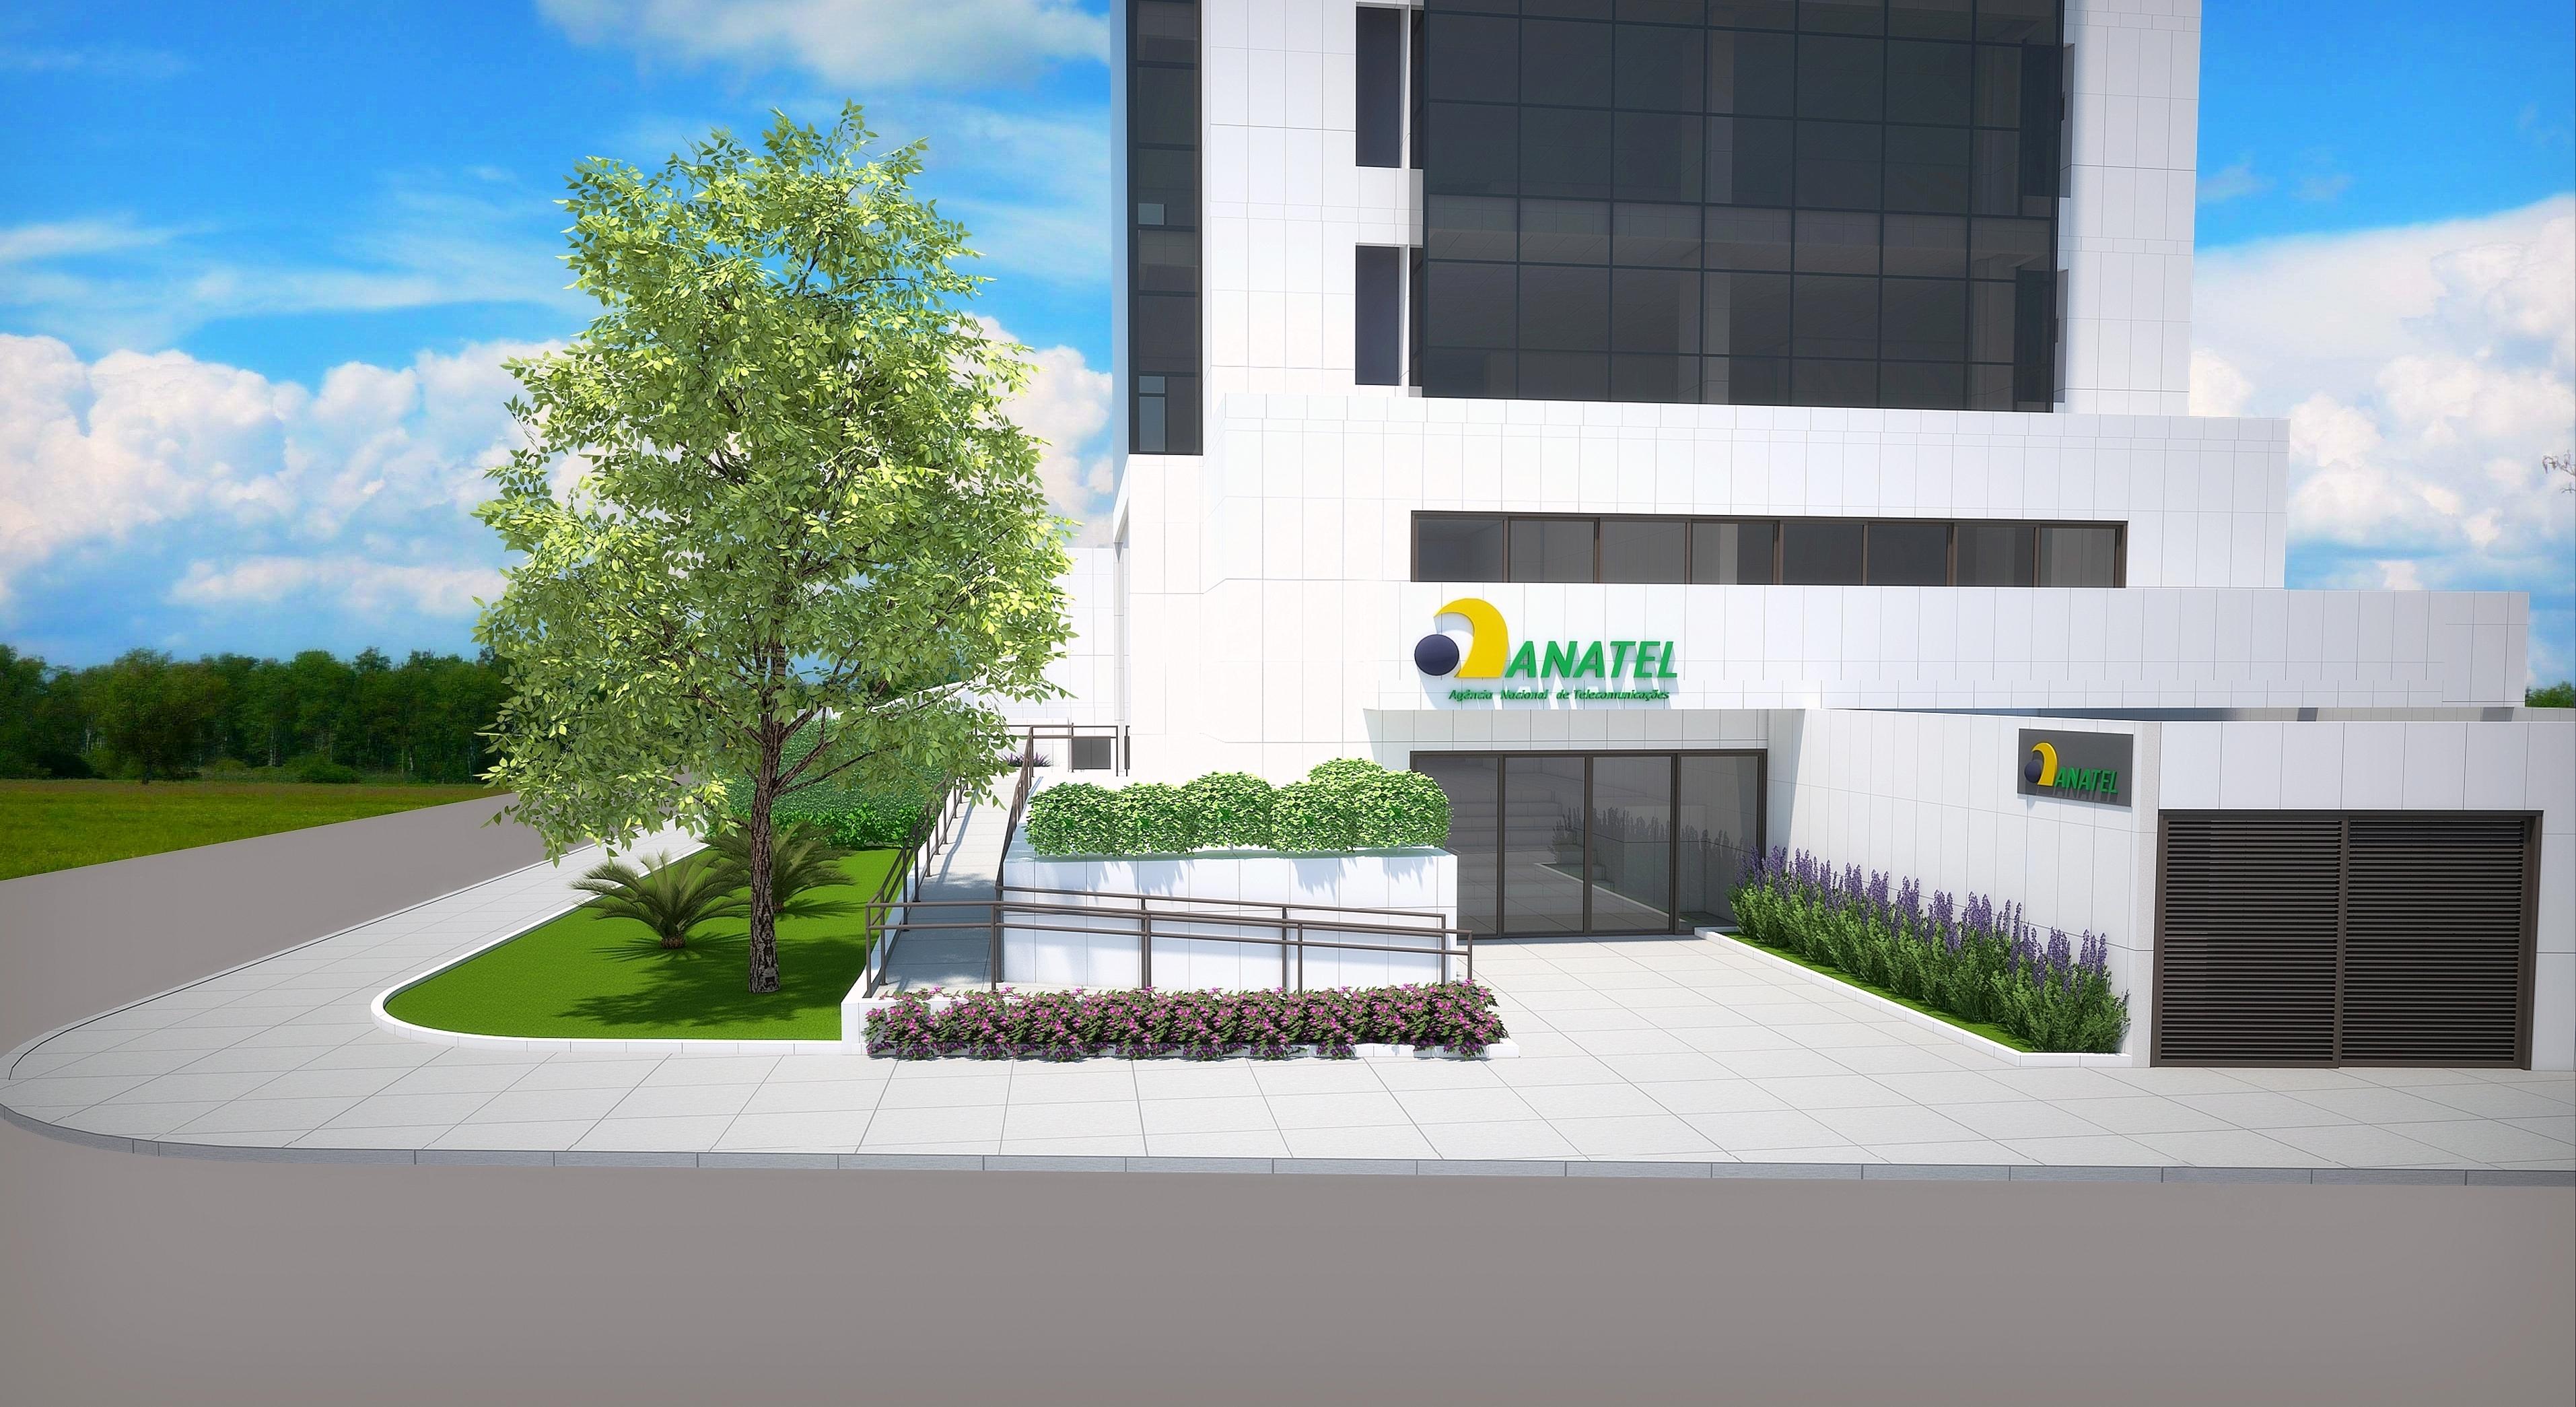 Reforma do Edifício da ANATEL Recife